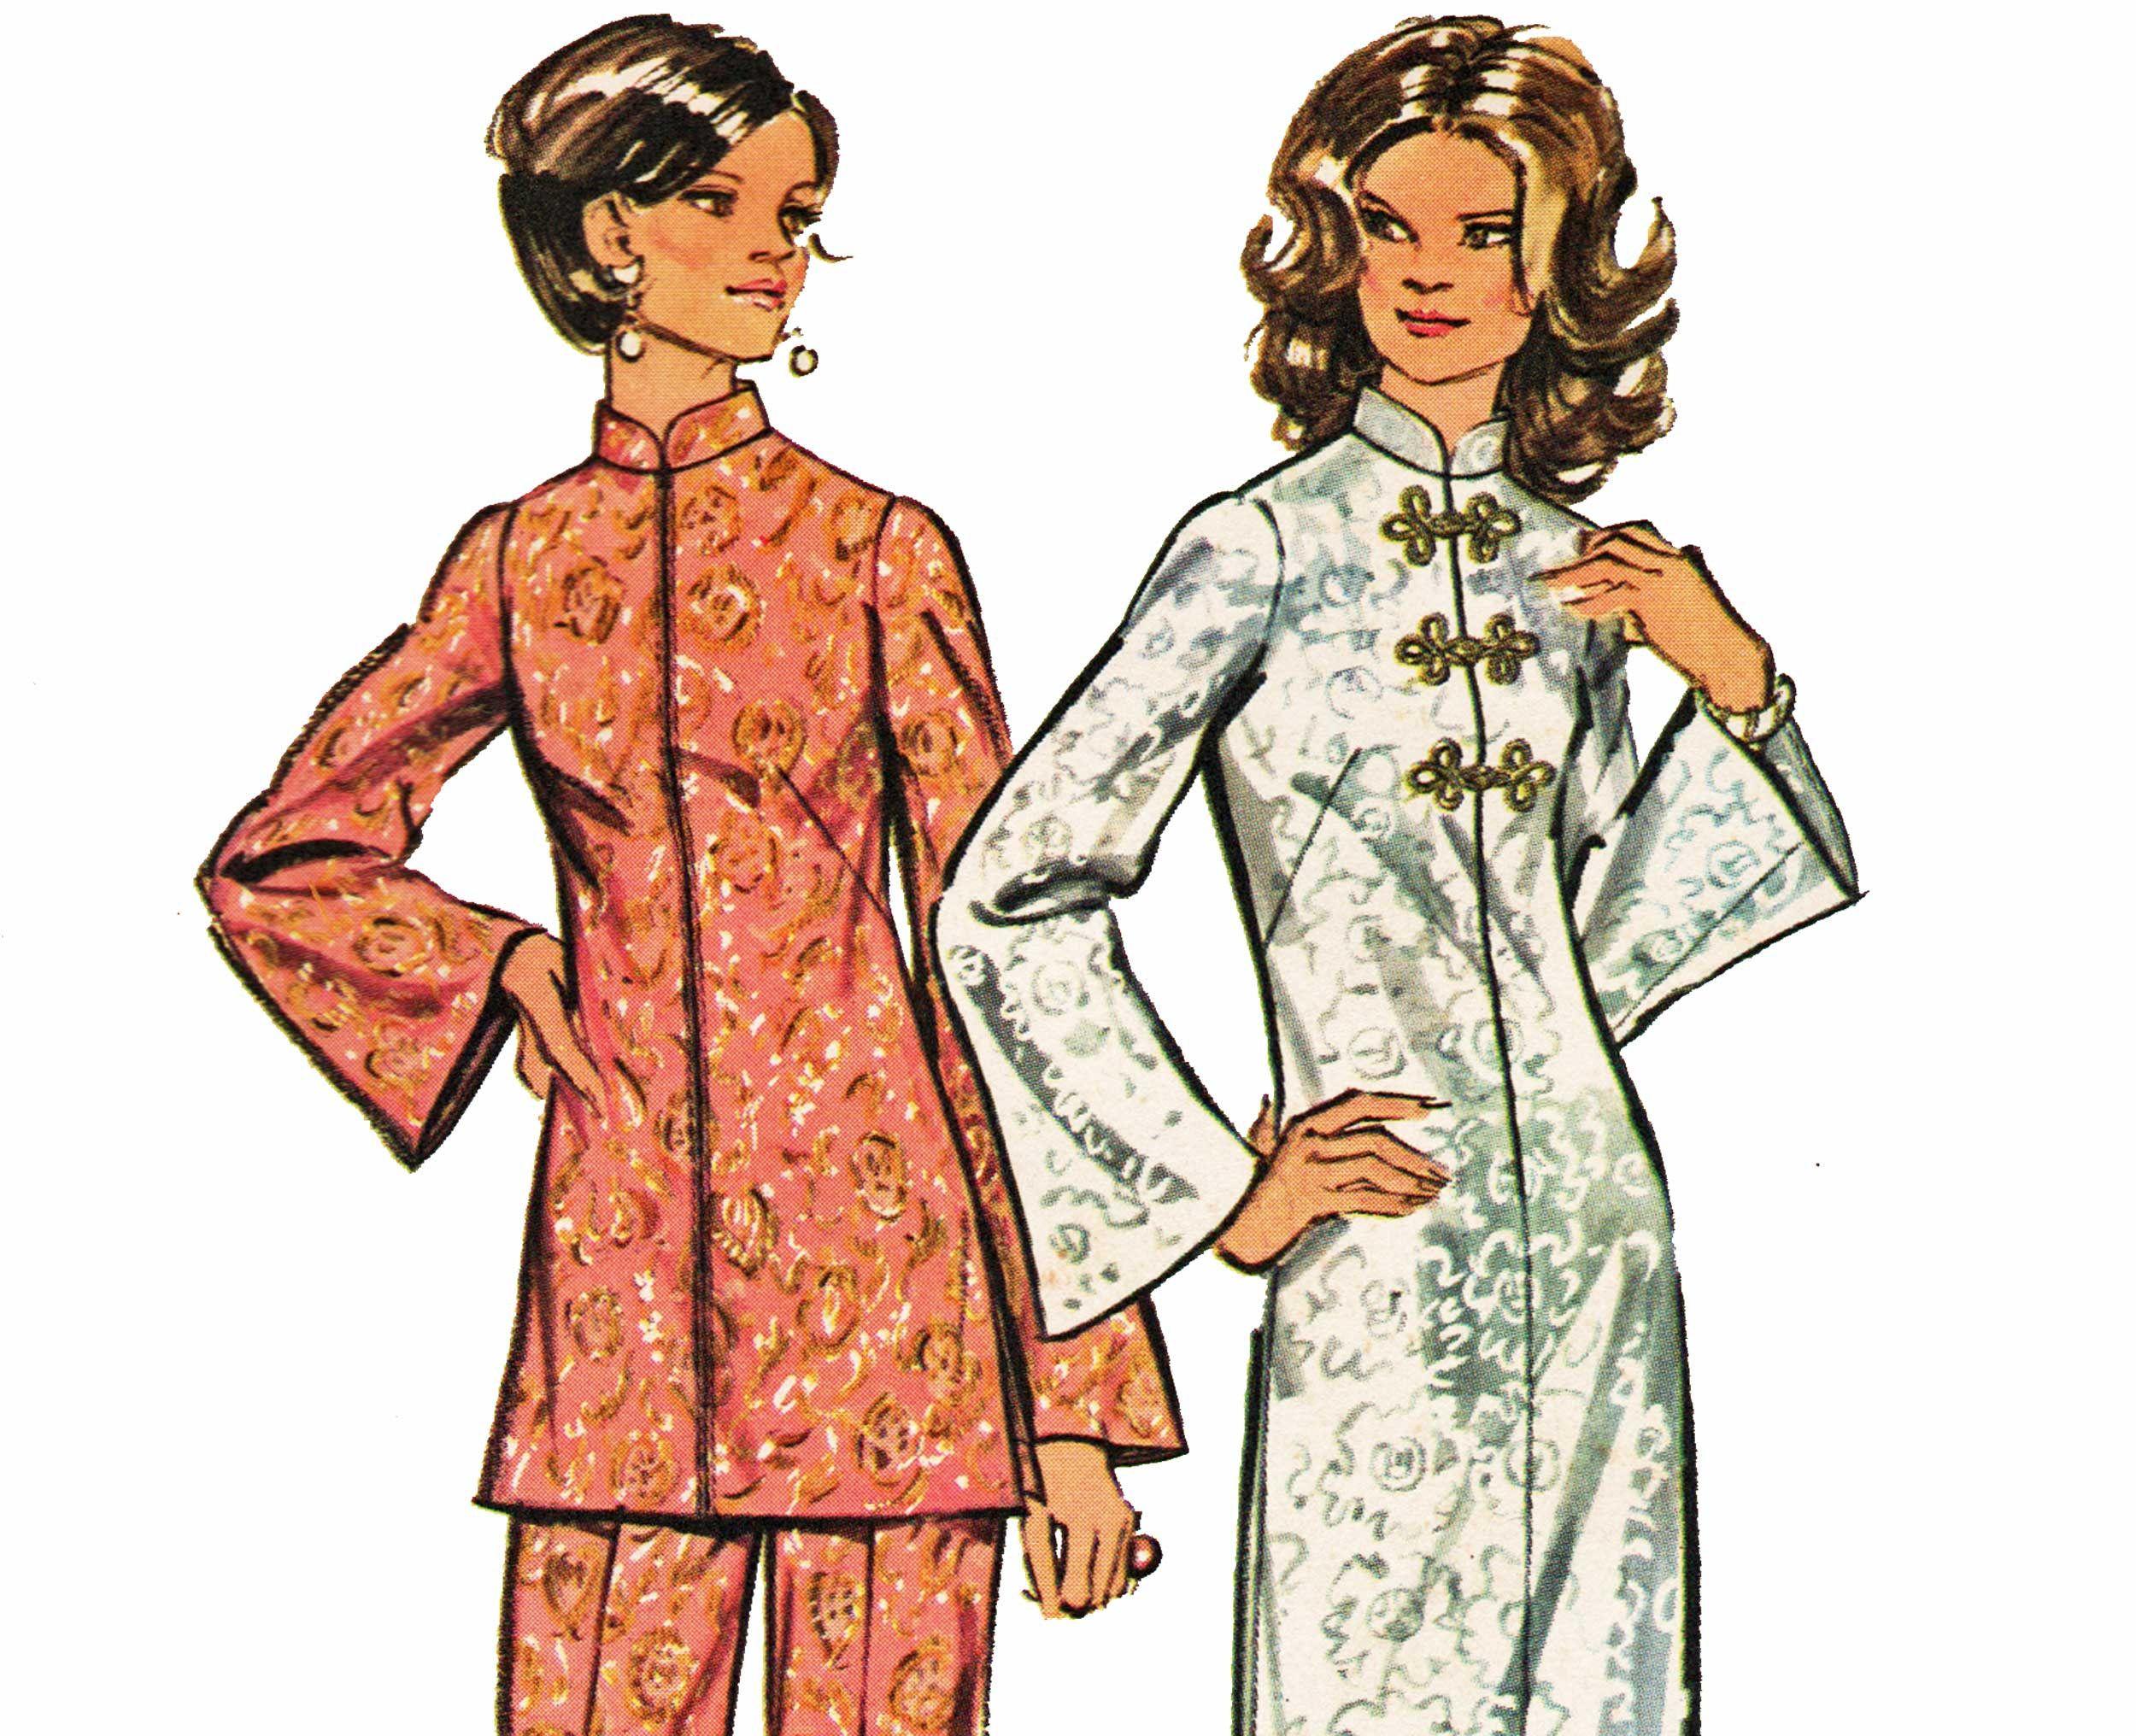 Asian oriental dress pattern cheongsam maxi dress pattern mandarin asian oriental dress pattern cheongsam maxi dress pattern mandarin collar tunic top and pants pantsuit pattern jeuxipadfo Choice Image